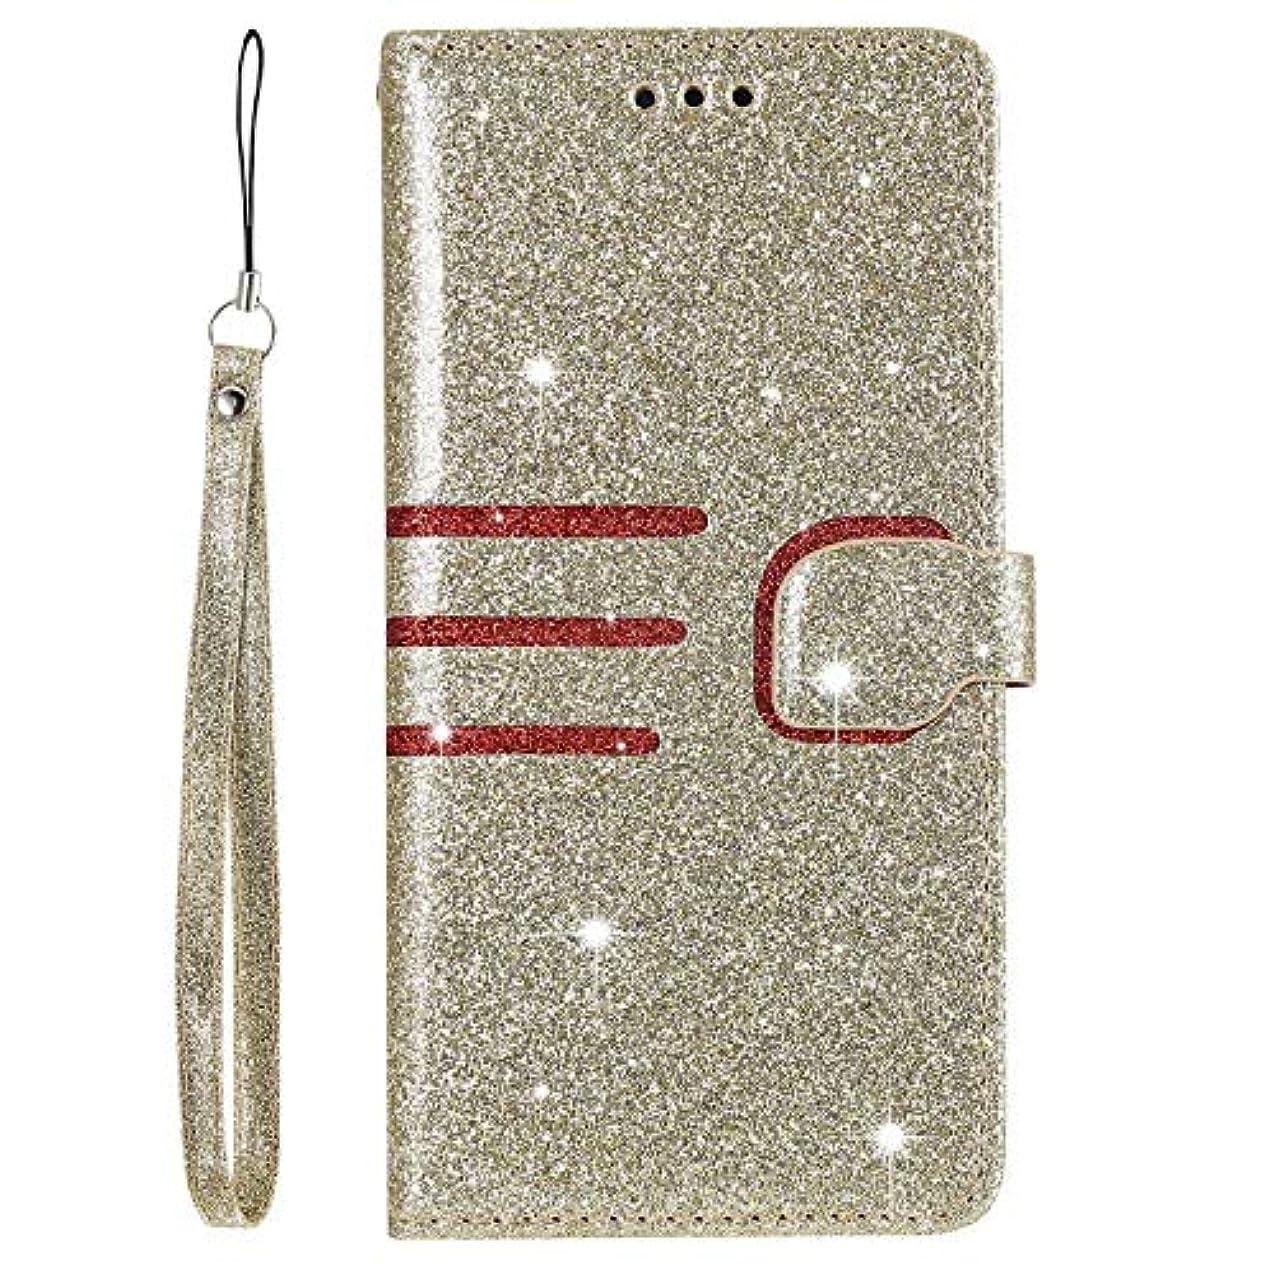 距離依存する有益なiPhone 7 Plus/iPhone 8 Plus ケース, OMATENTI 高級PUレザー グリッター ケース 手帳型 保護ケース カード収納ホルダー付き 横置きスタンド機能付き iPhone 7 Plus/iPhone 8 Plus 用 Case Cover, 金